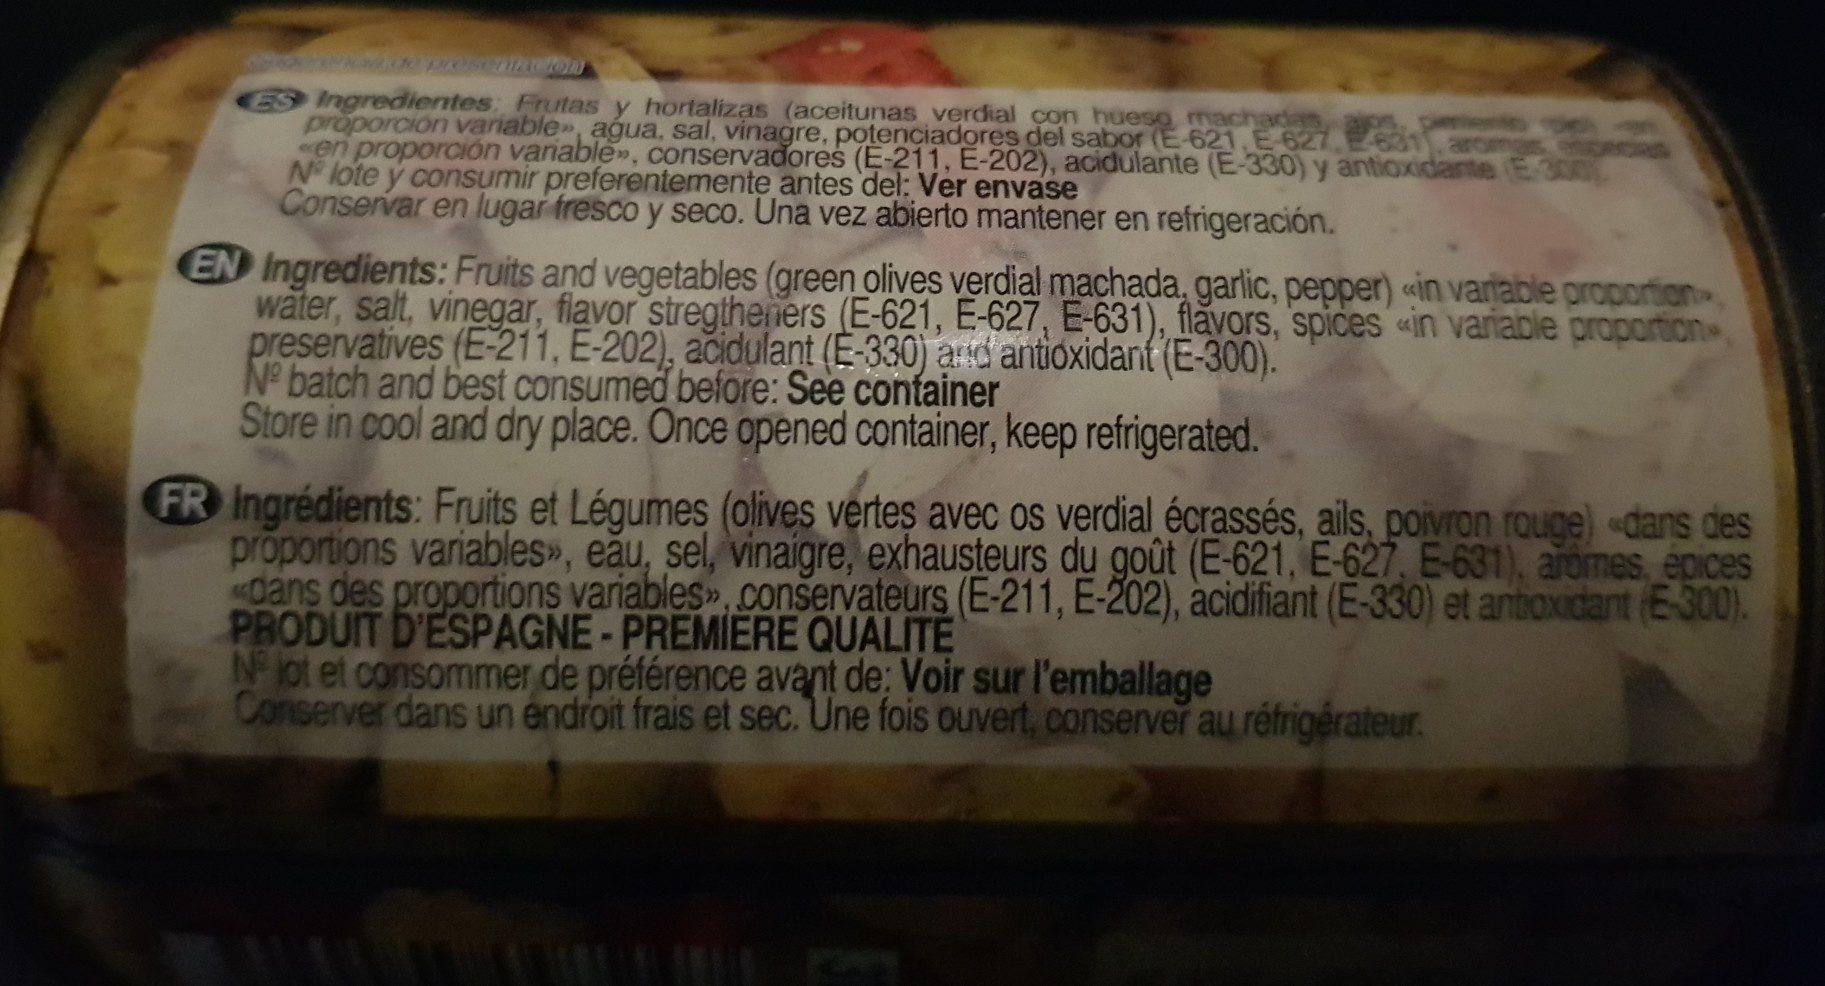 la receta del Cortijo - Ingredientes